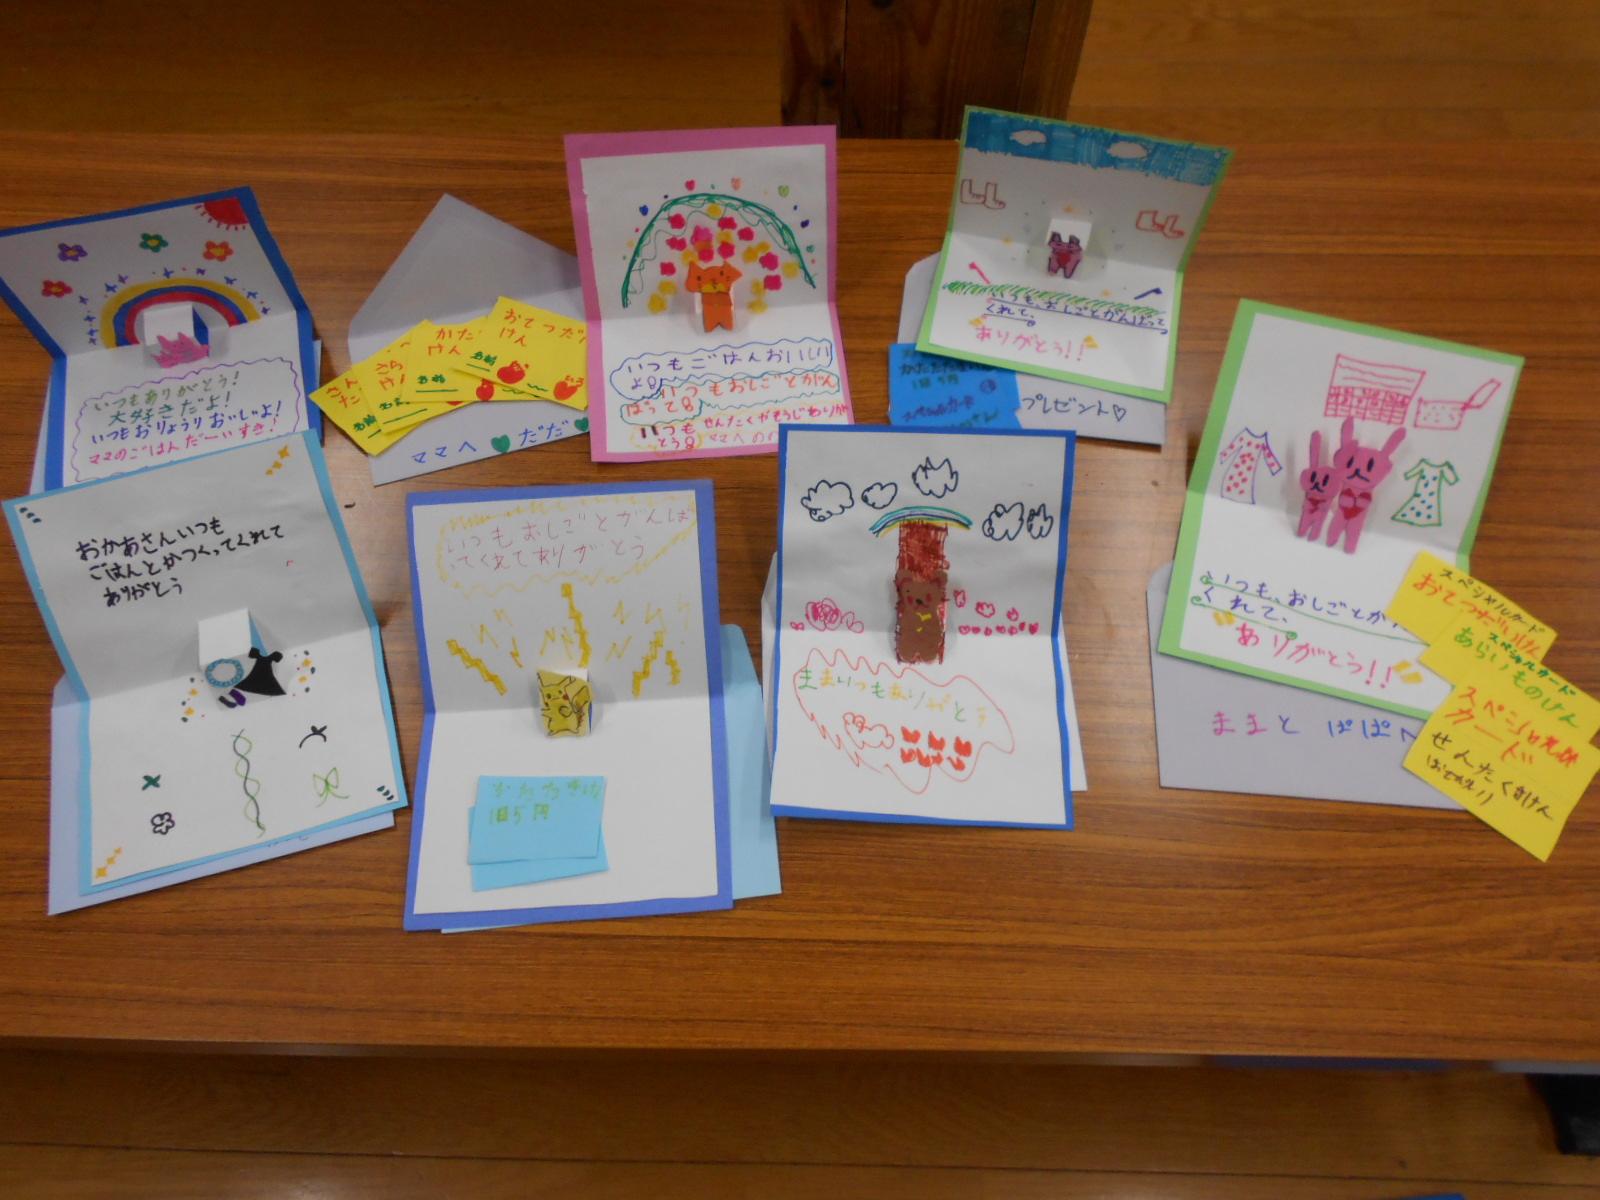 勤労感謝の日カード3[1].JPG